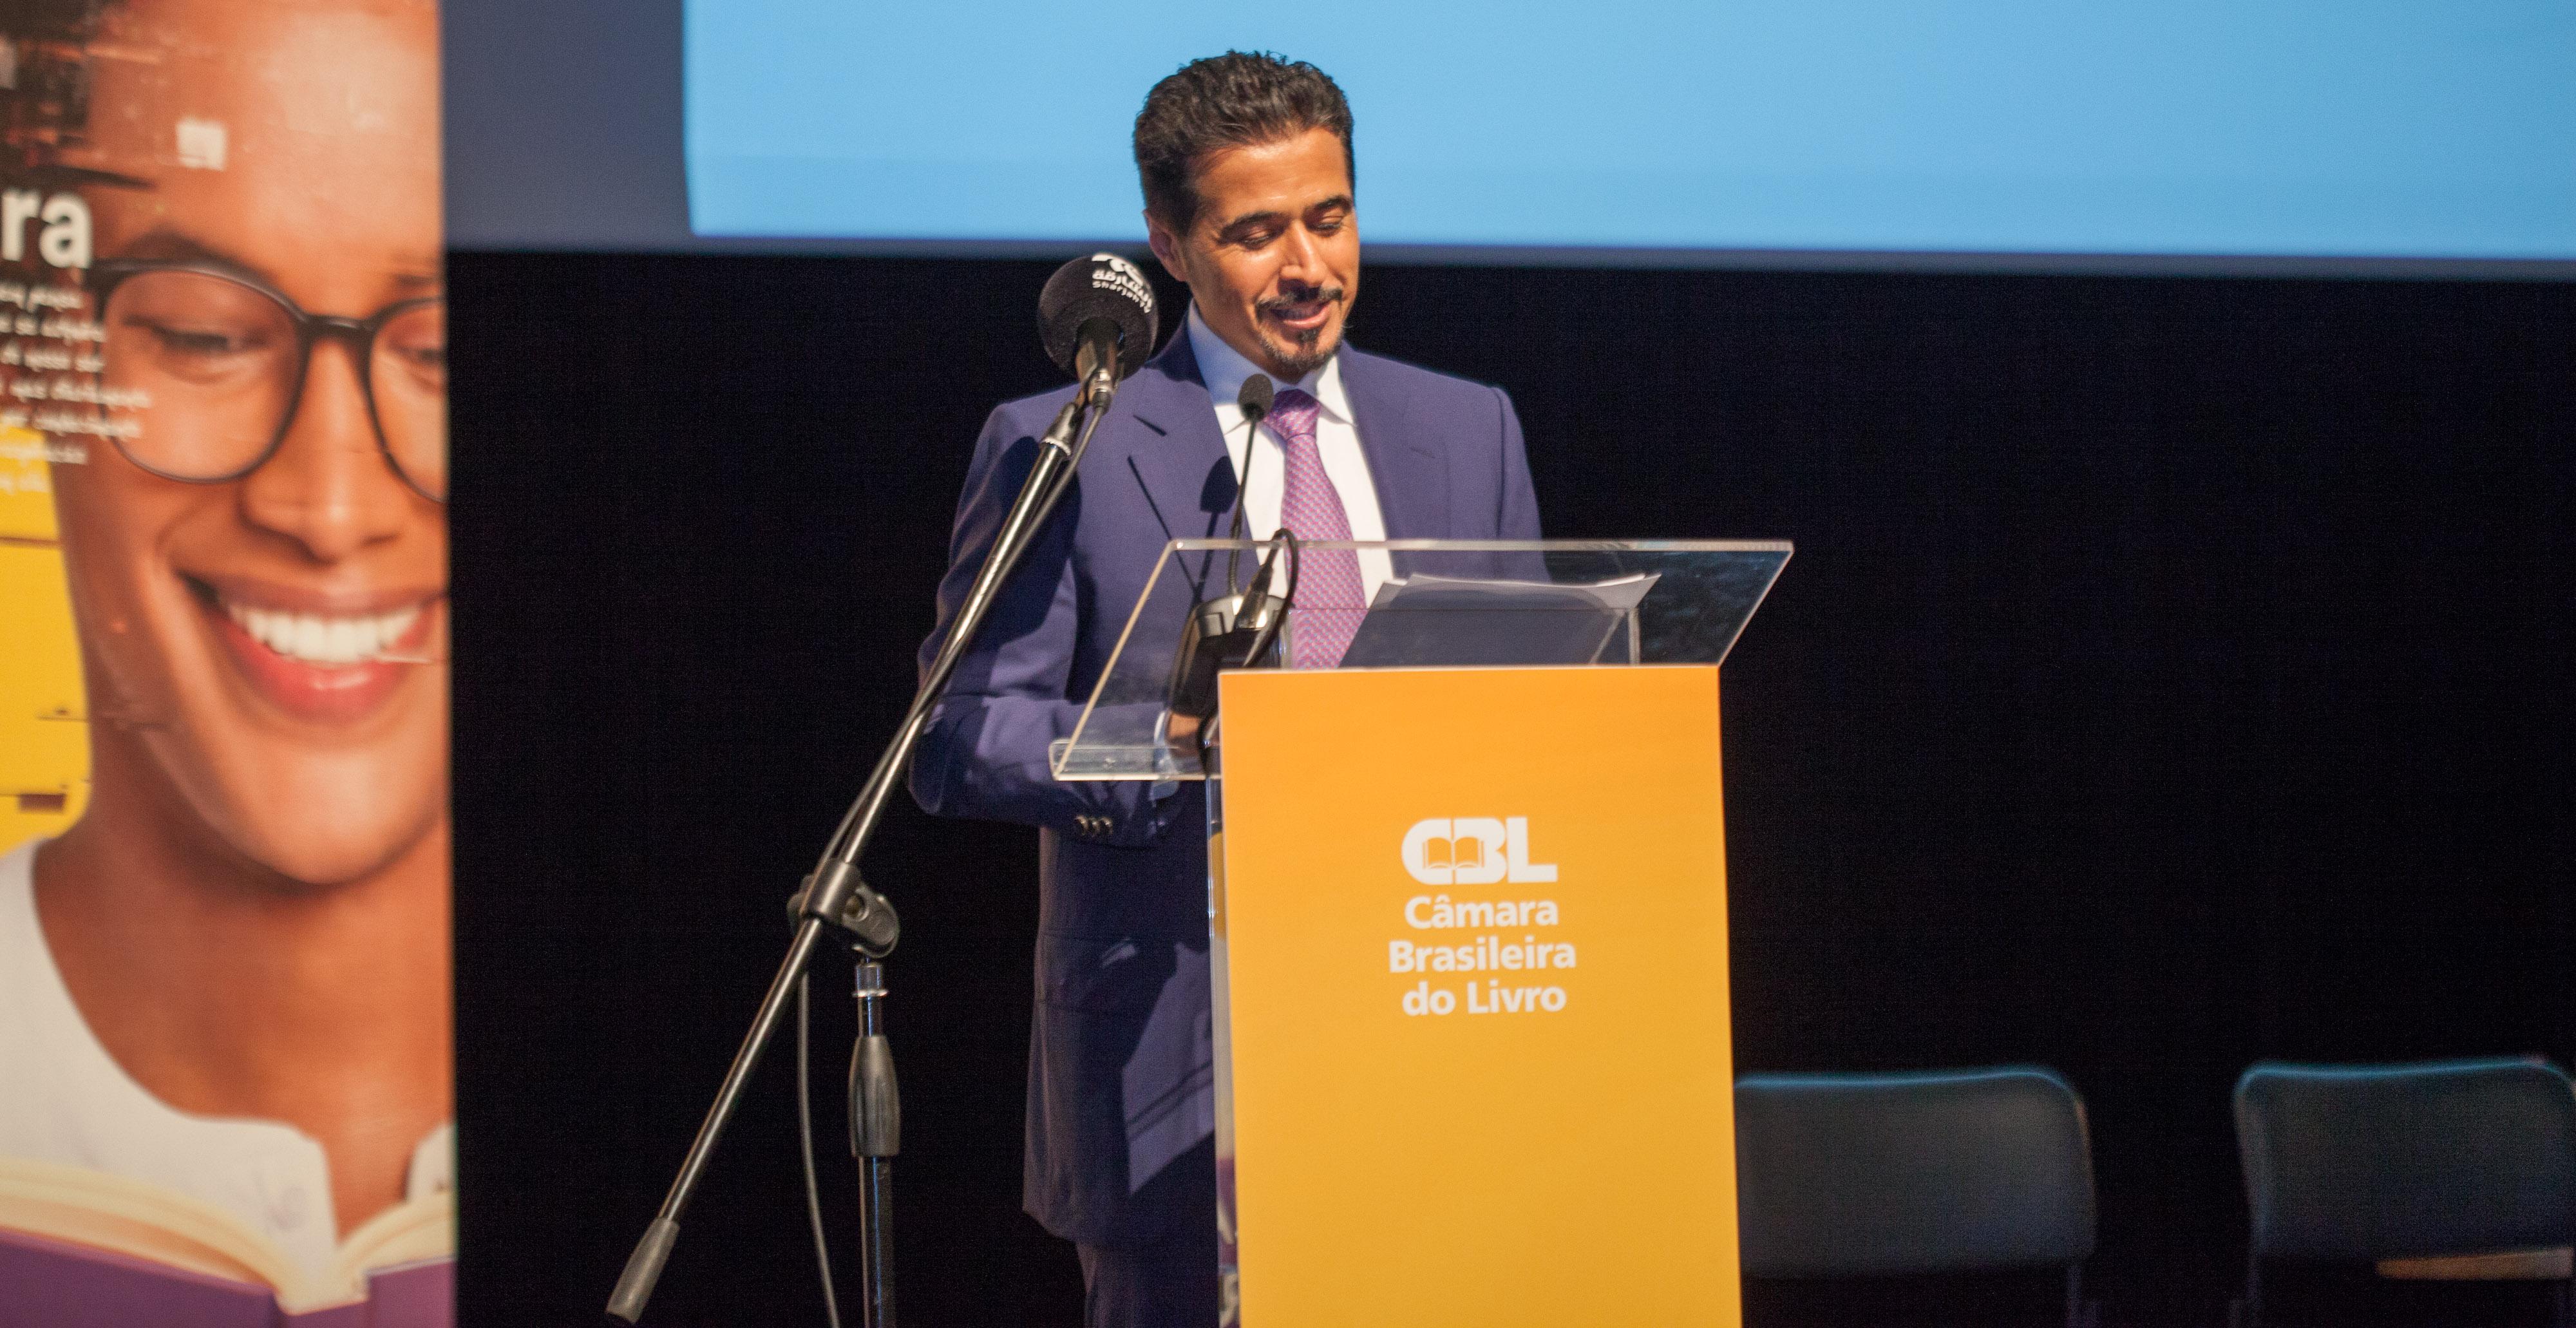 Representante de Sharjah espera ampliar relações com o Brasil durante a Bienal do Livro de São Paulo